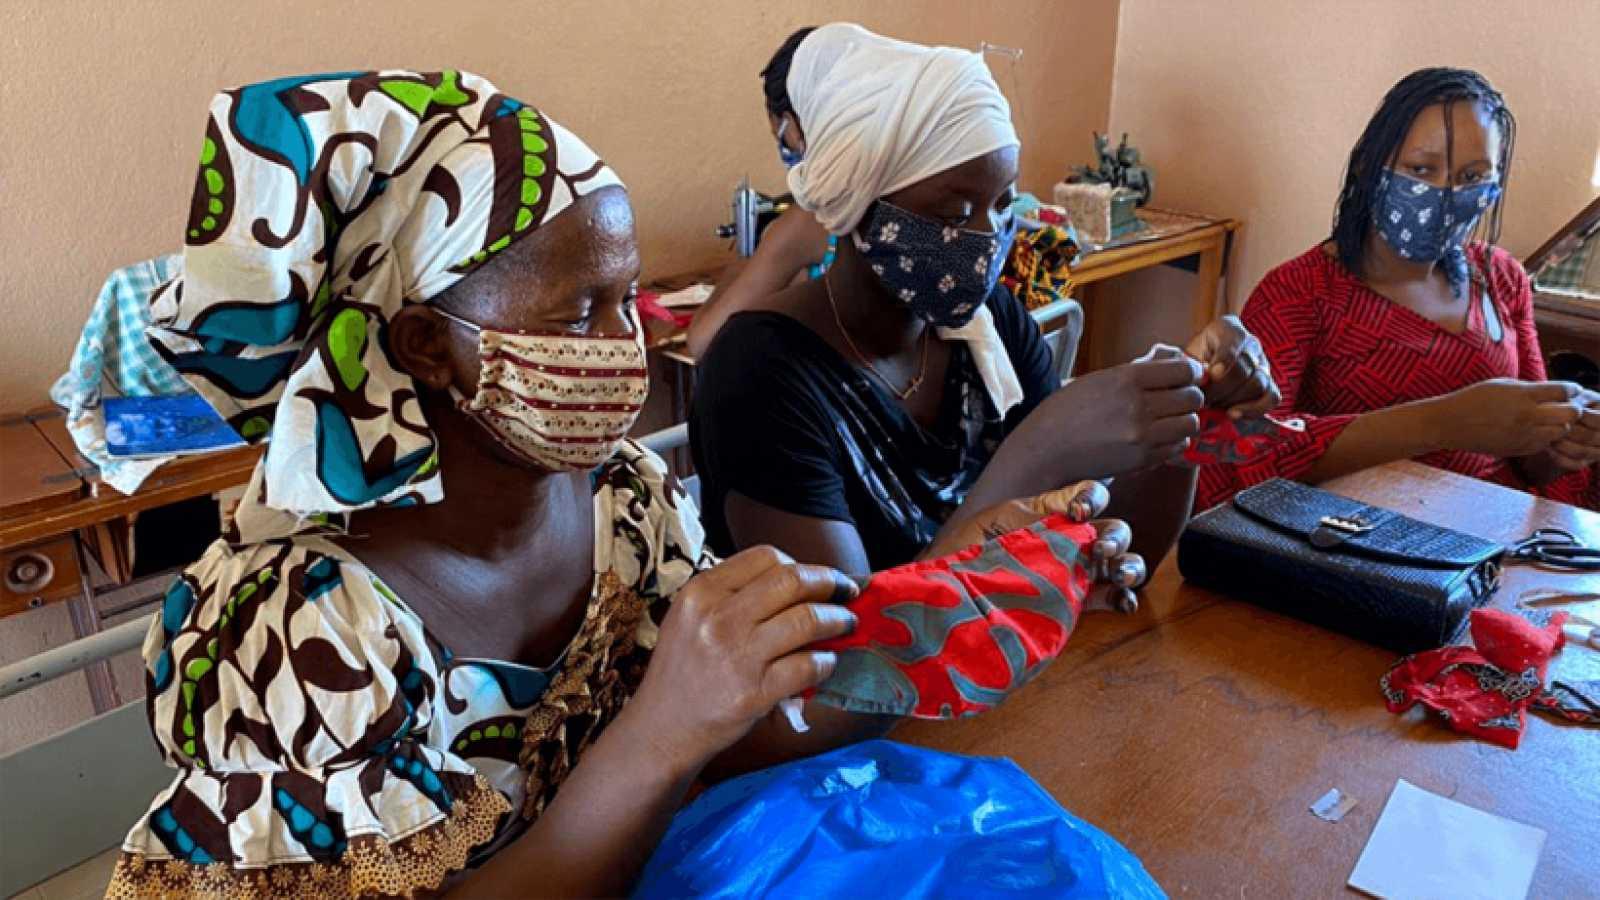 África hoy - Manos Unidas responde a la crisis global por la Covid-19, también en África - 20/10/20 - Escuchar ahora